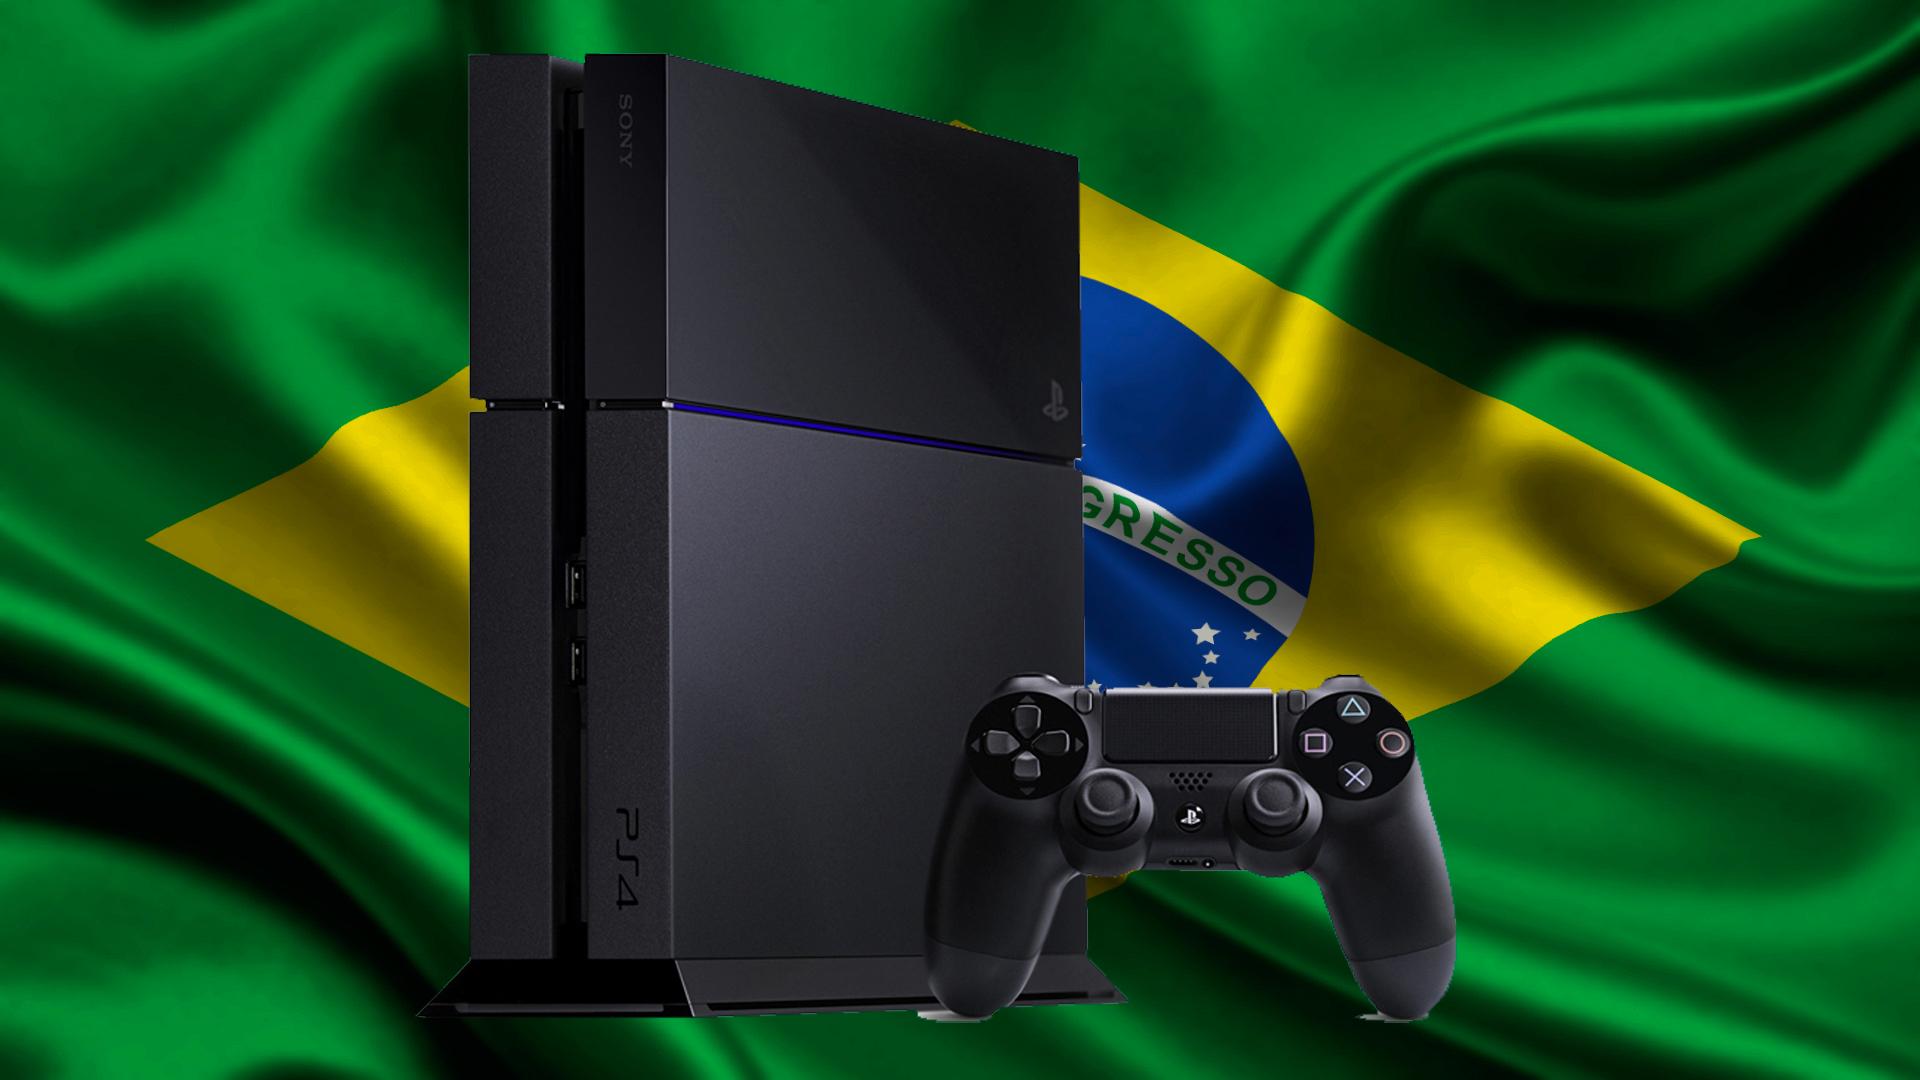 Quer comprar um PS4 brasuca? Console já chegou às lojas; confira o preço